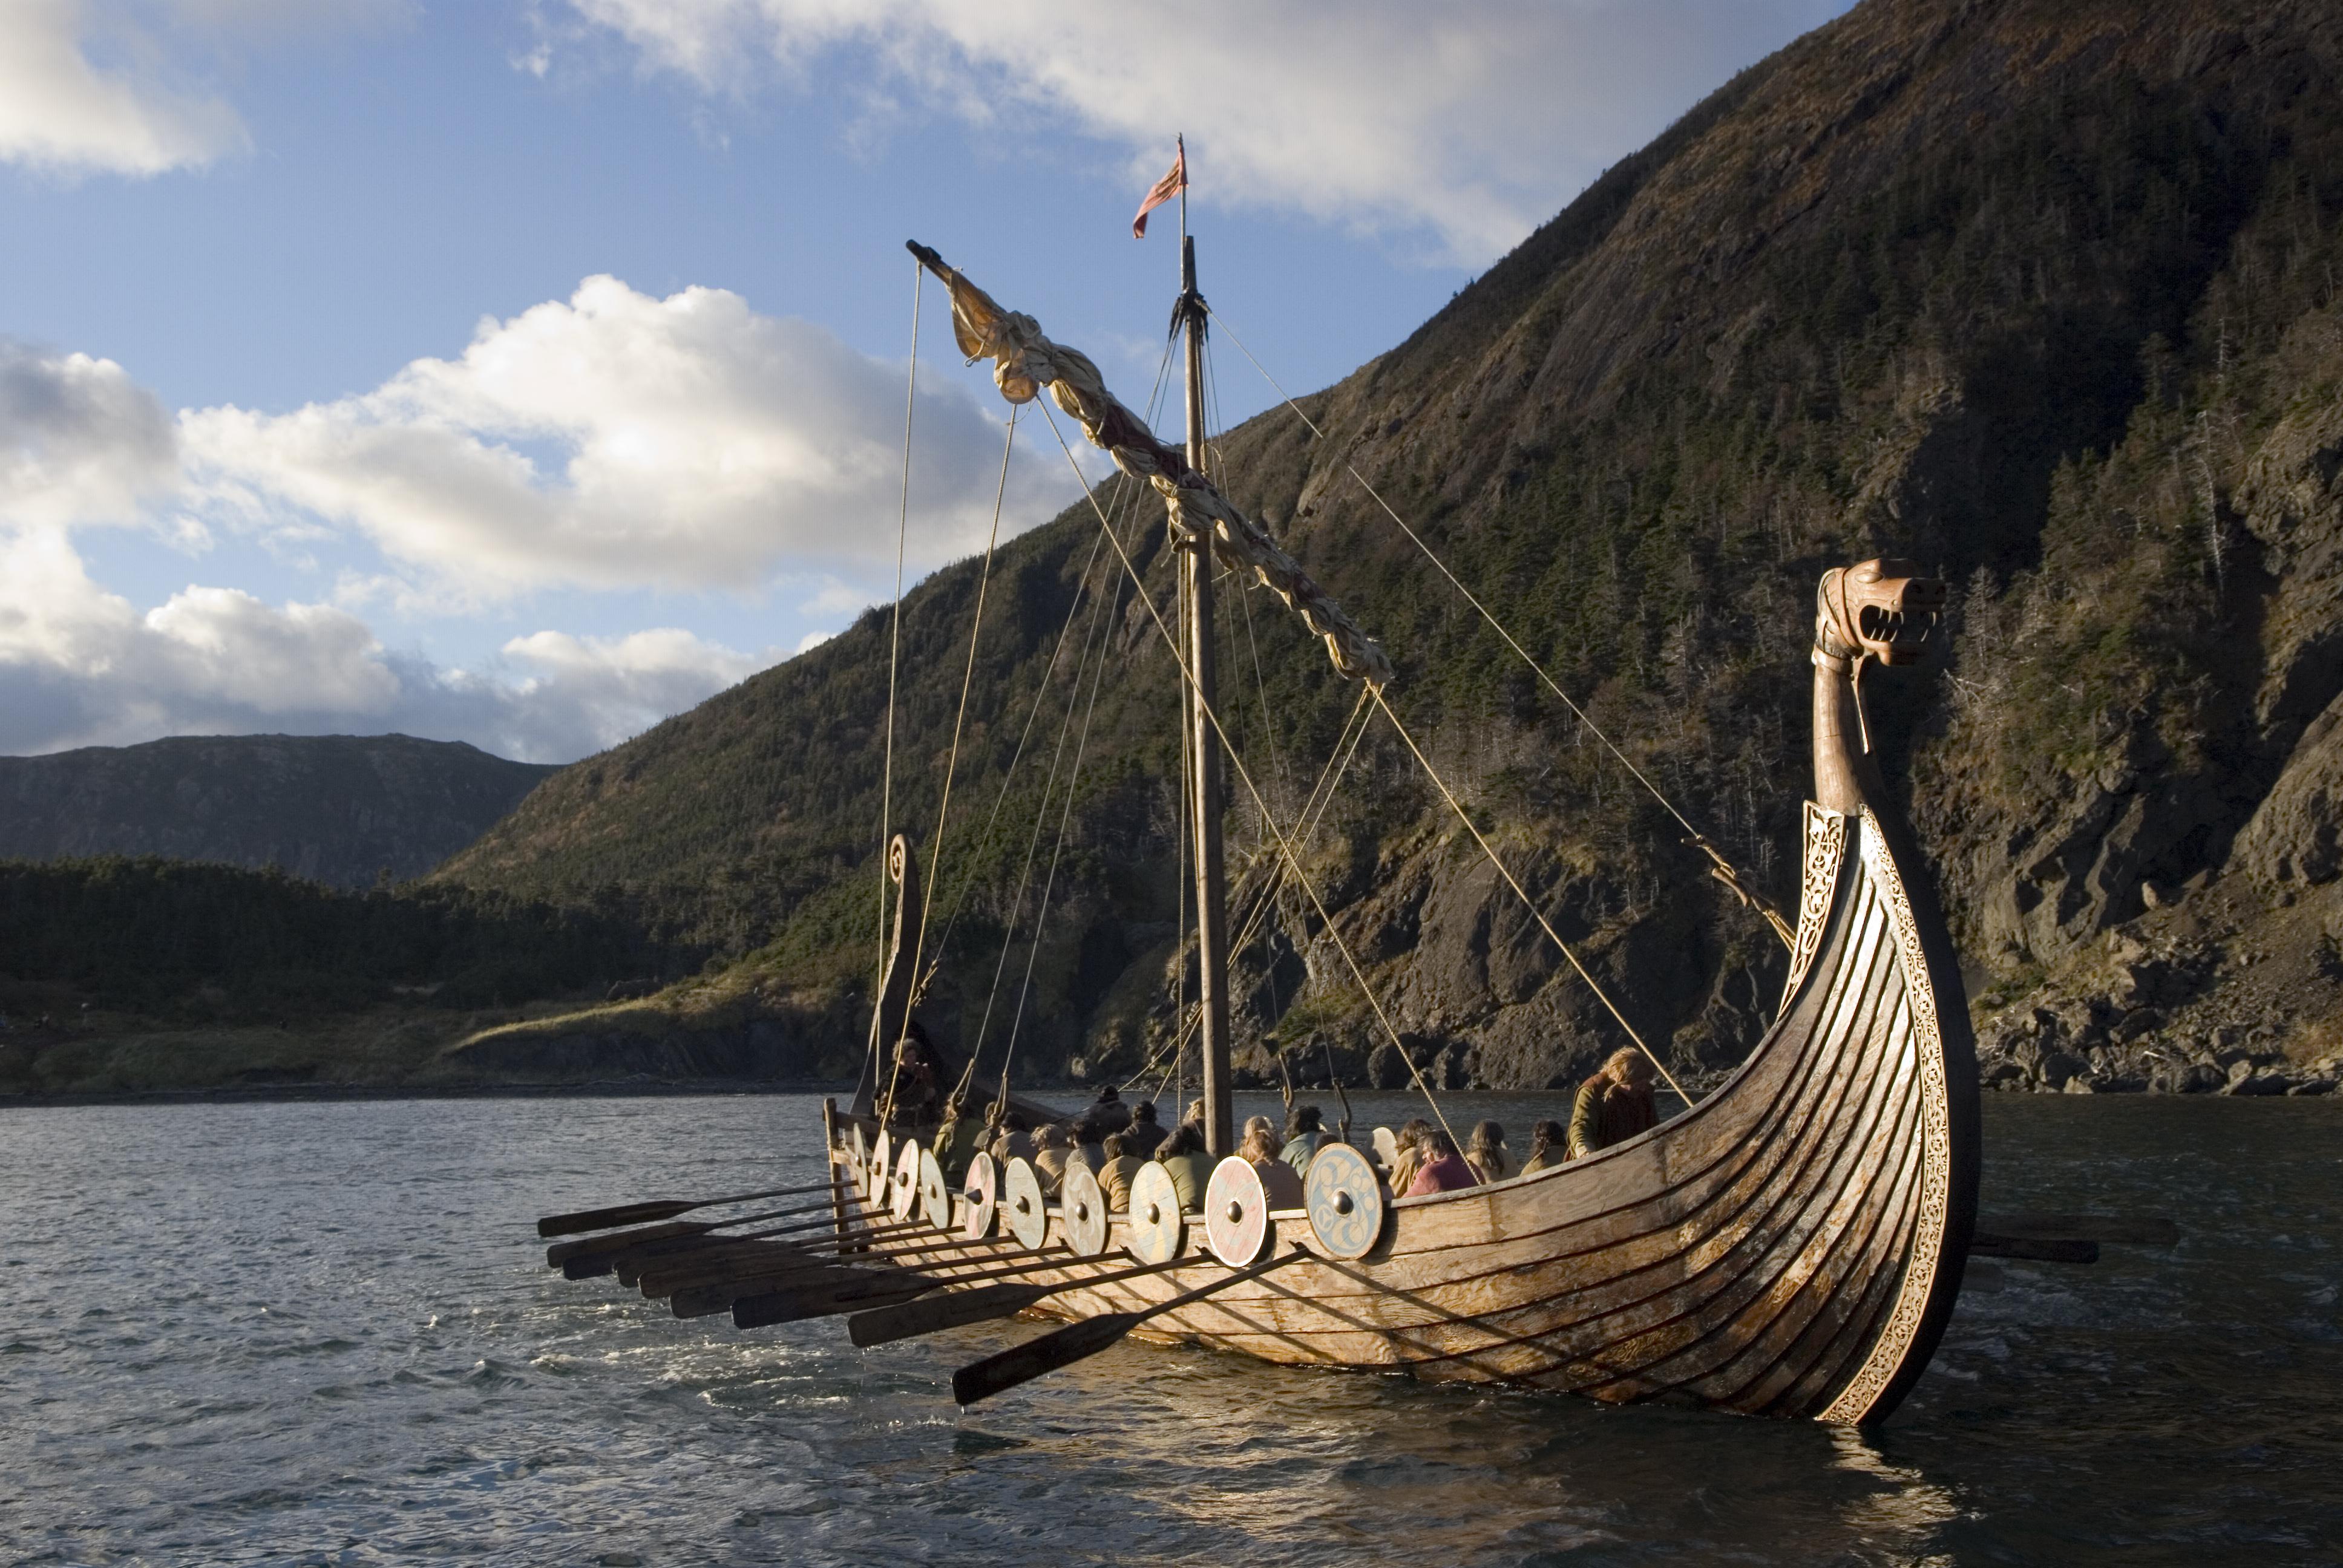 A hajózás volt az életük – A vikingekről